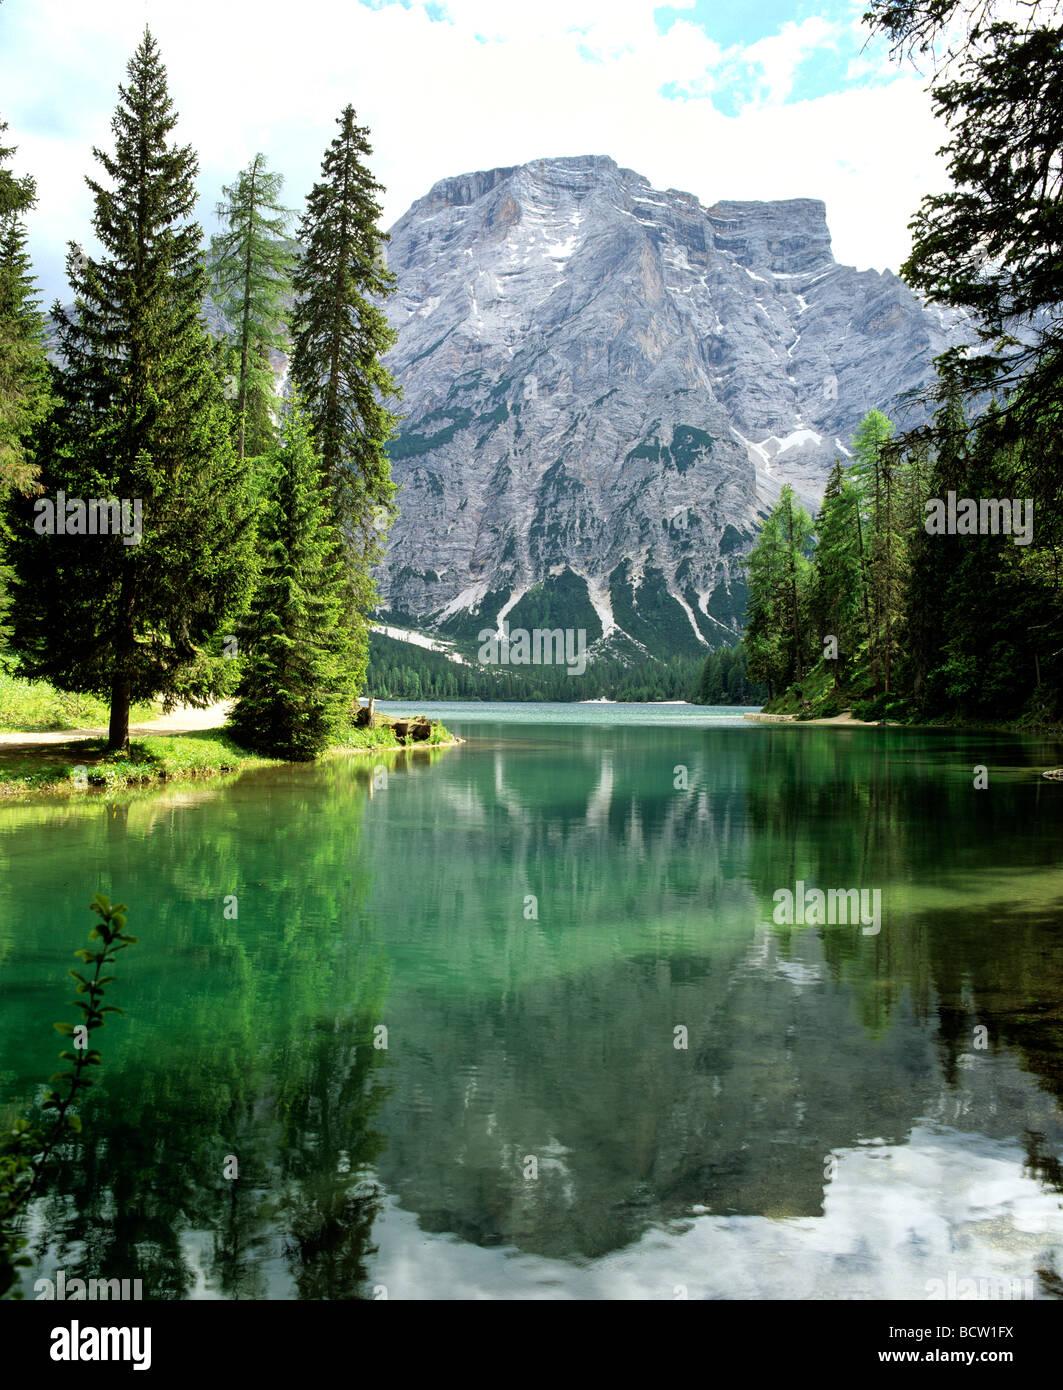 Pragser Wildsee lake, Seekofel mountain, Pragser Dolomites, South Tyrol, Italy, Europe Stock Photo